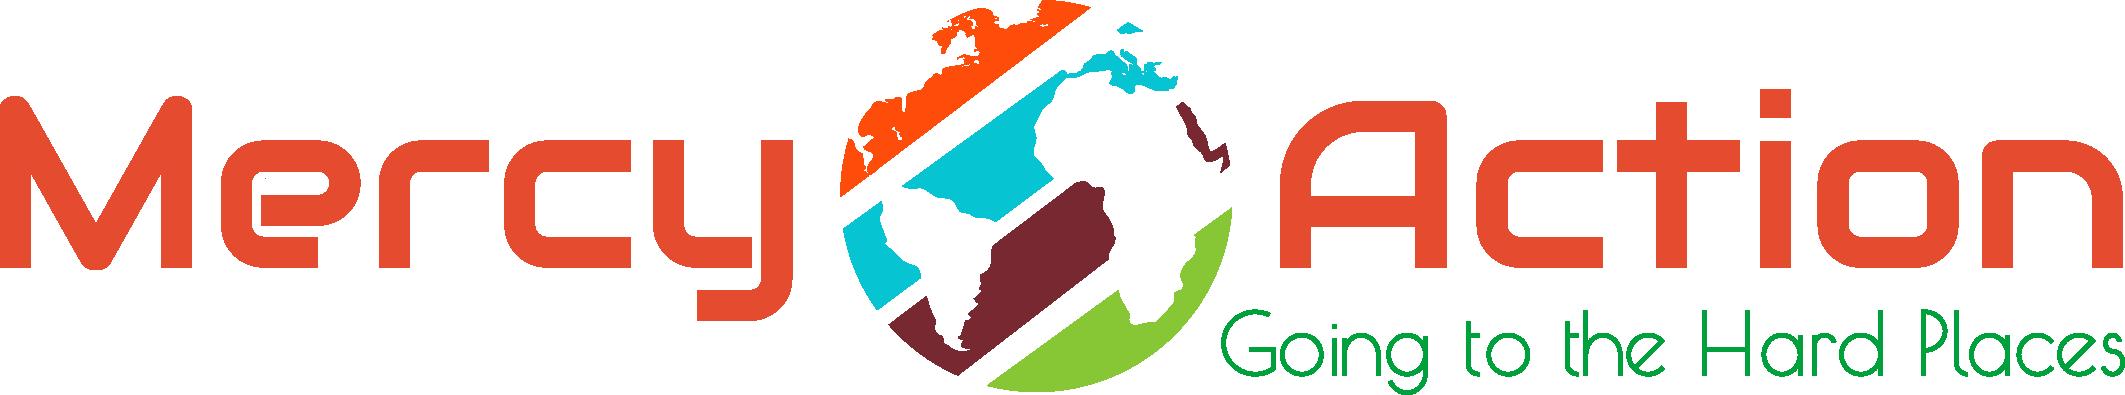 Mercy Action logo